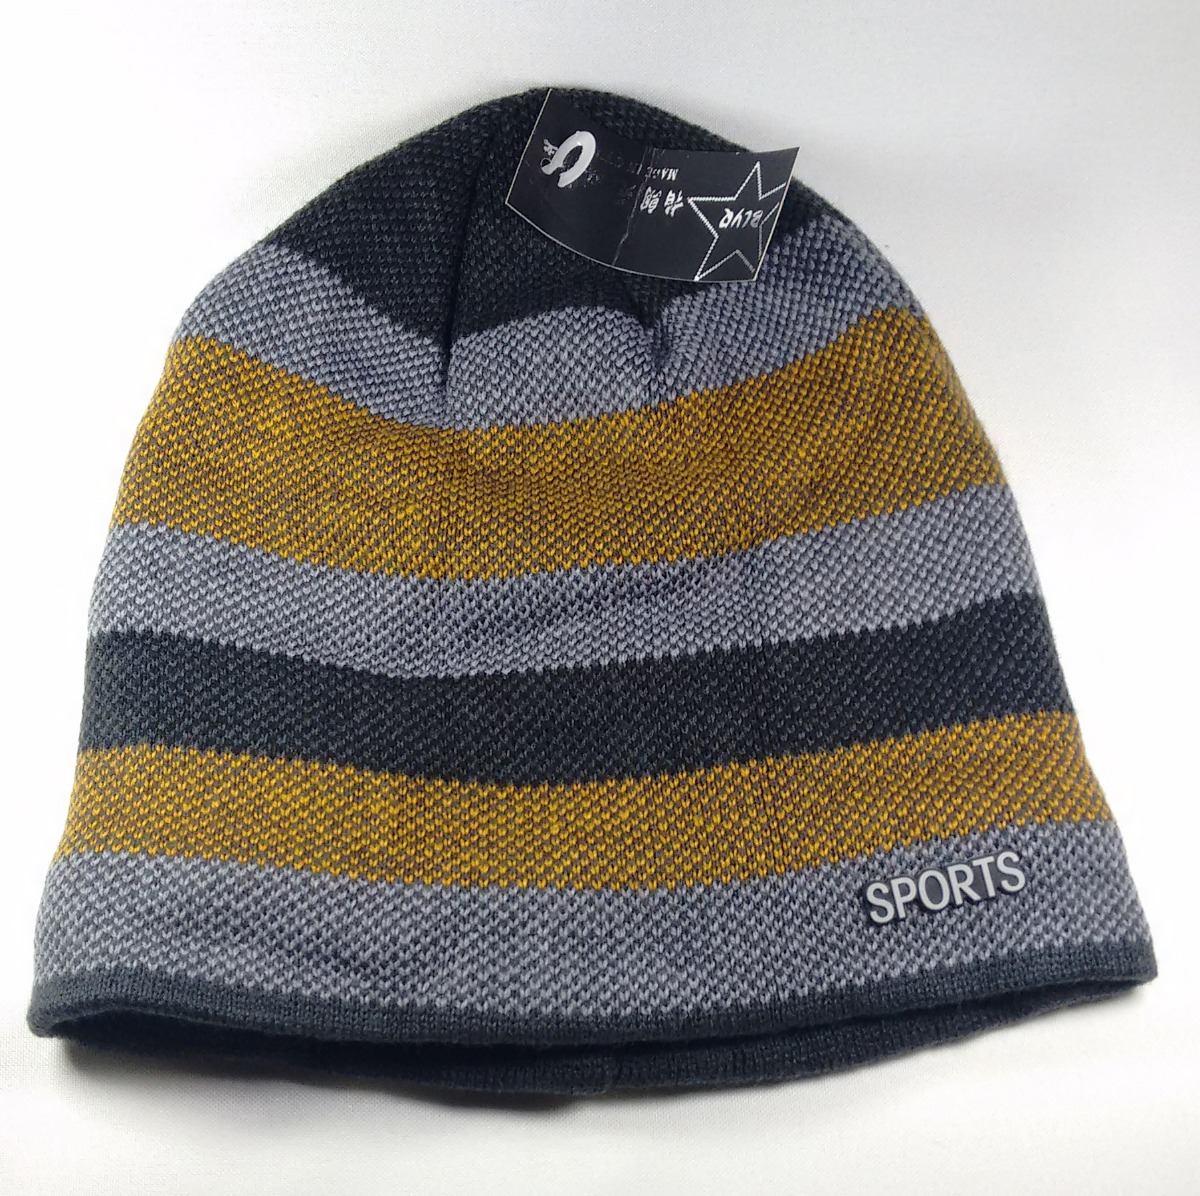 ec9183e1f58f4 touca gorro de crochê com forro de pelo sintético. Carregando zoom.